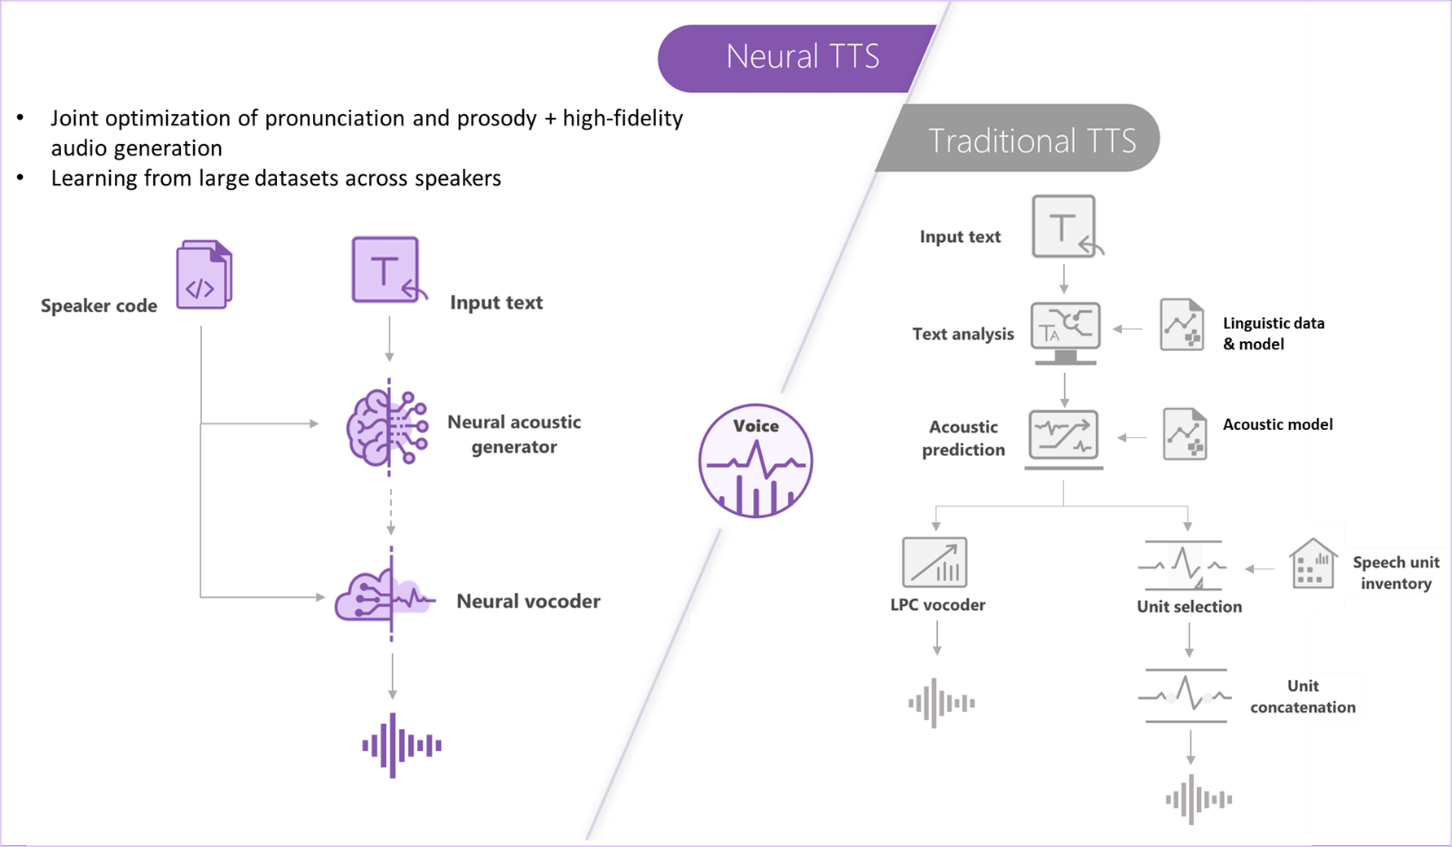 Neural TTS